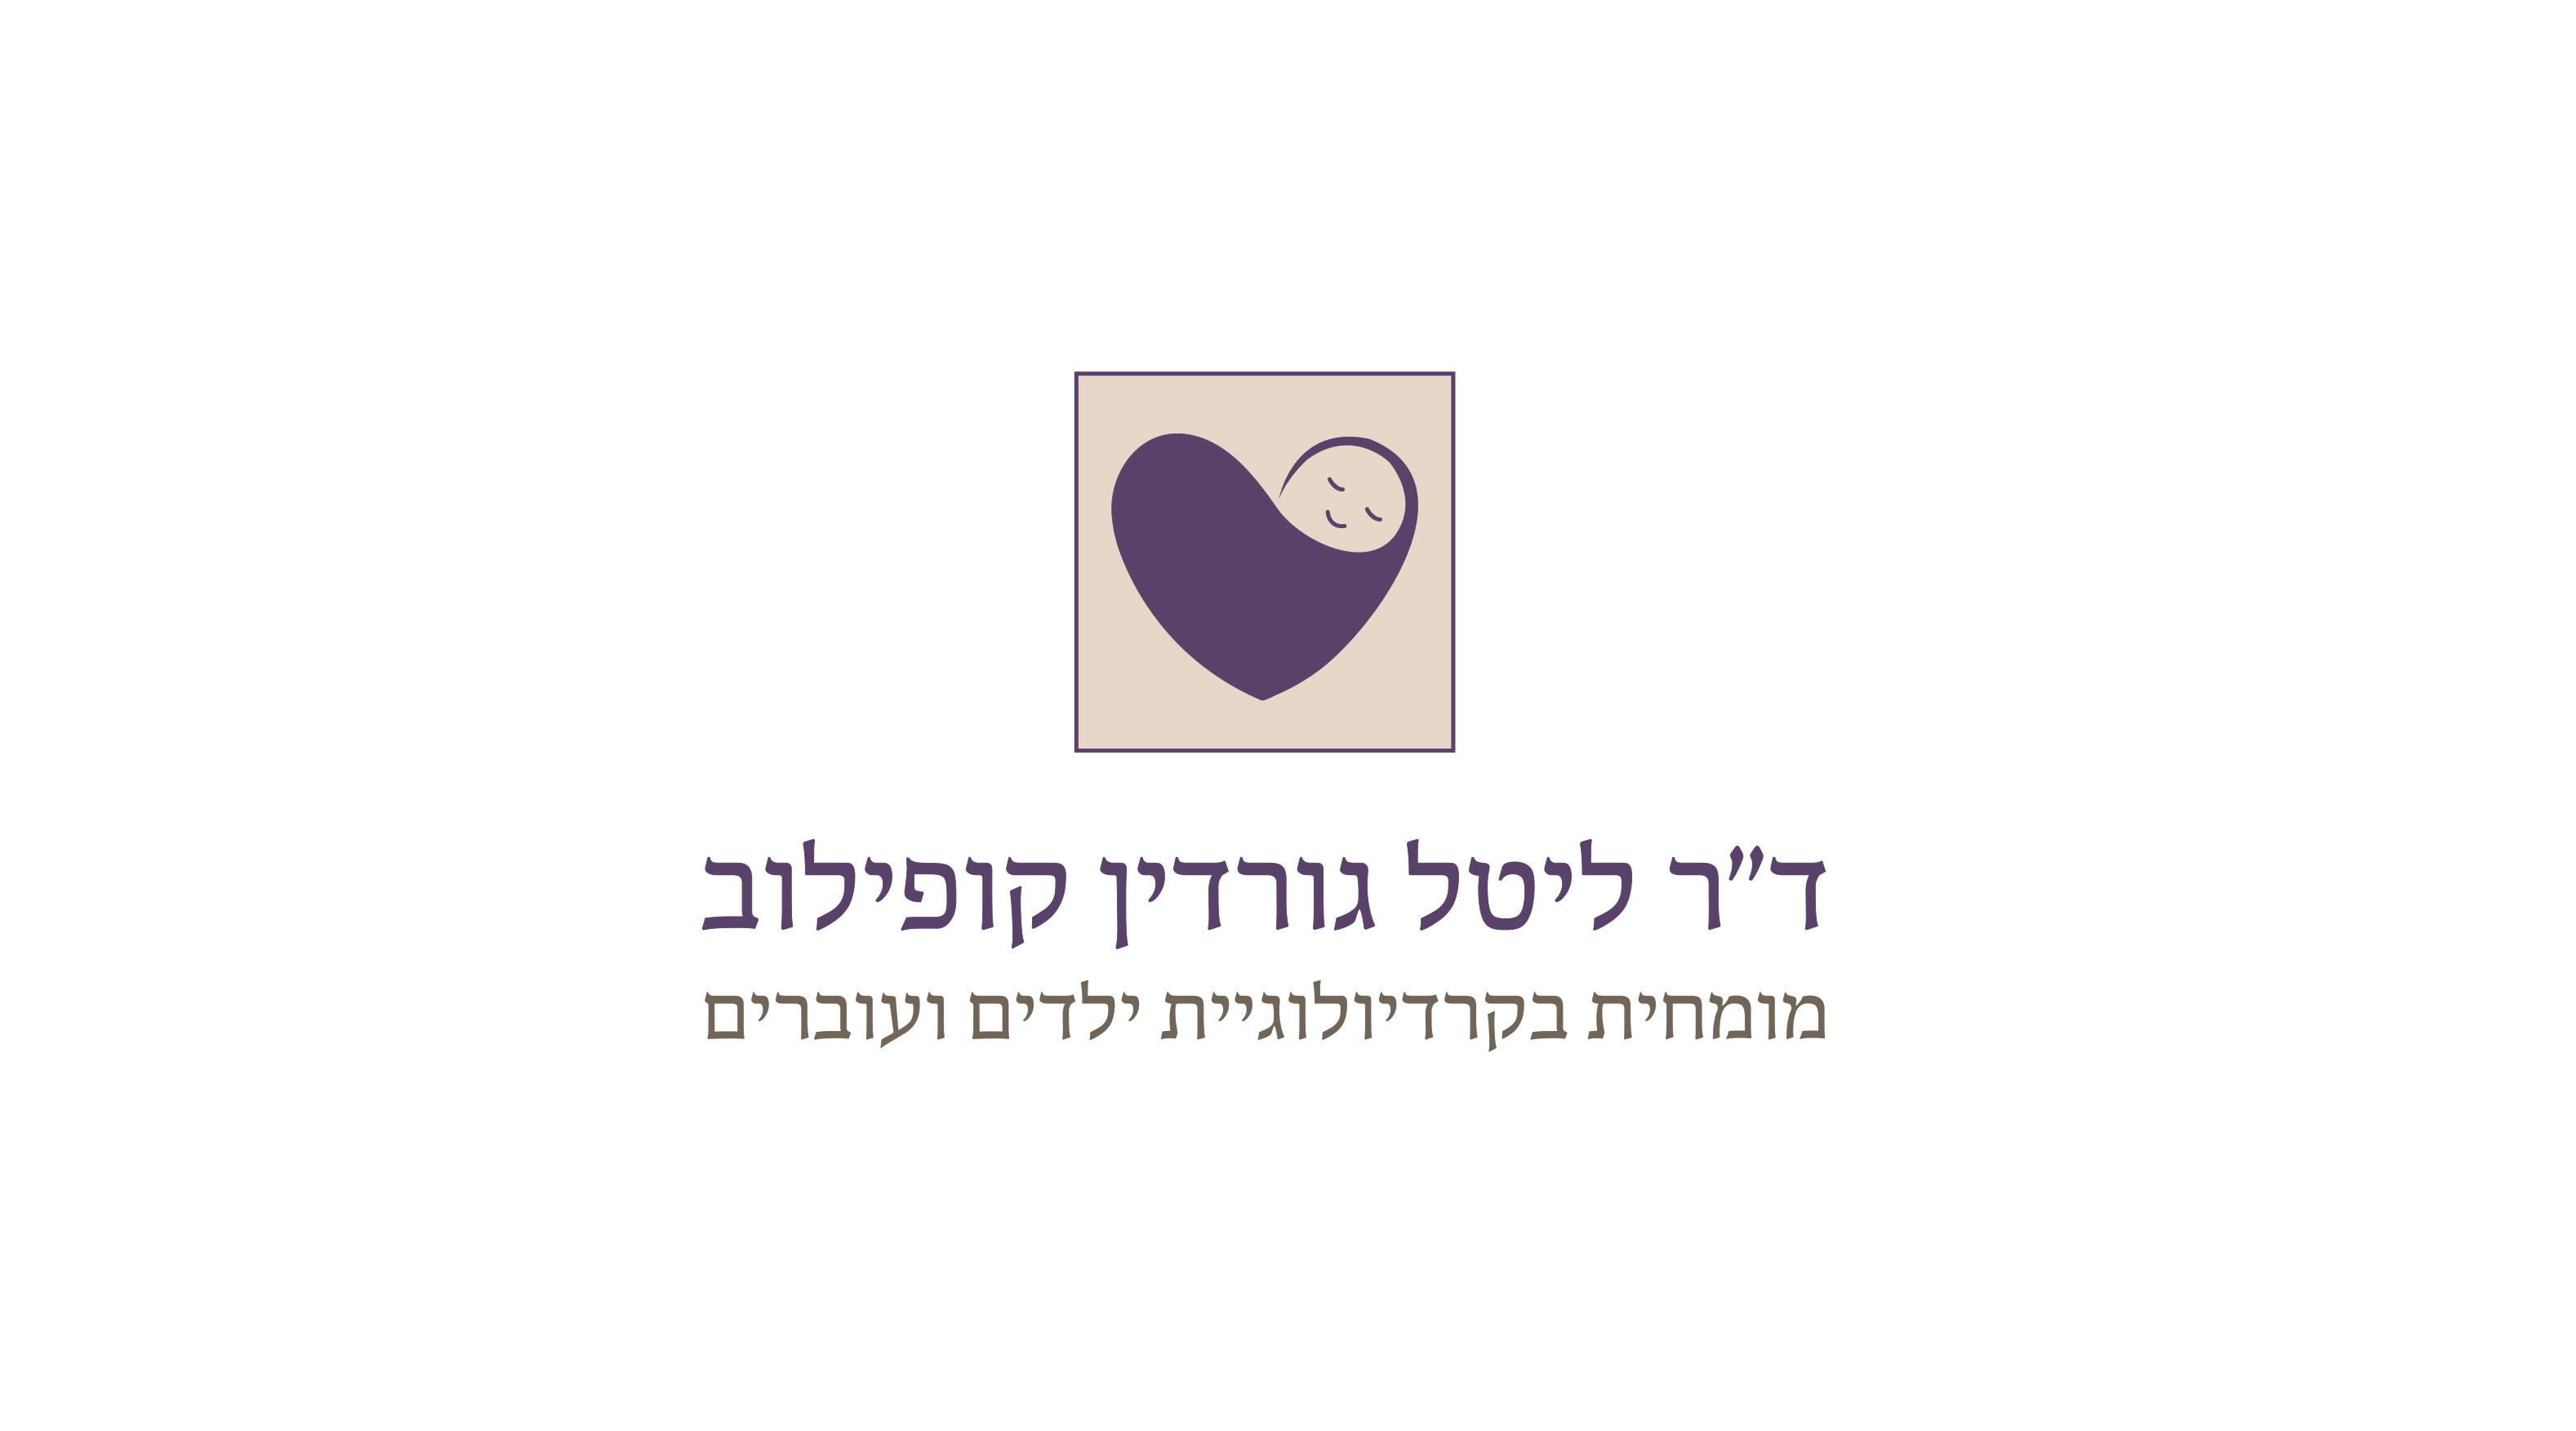 עיצוב לוגו לד״ר ליטל גורדין קופילוב